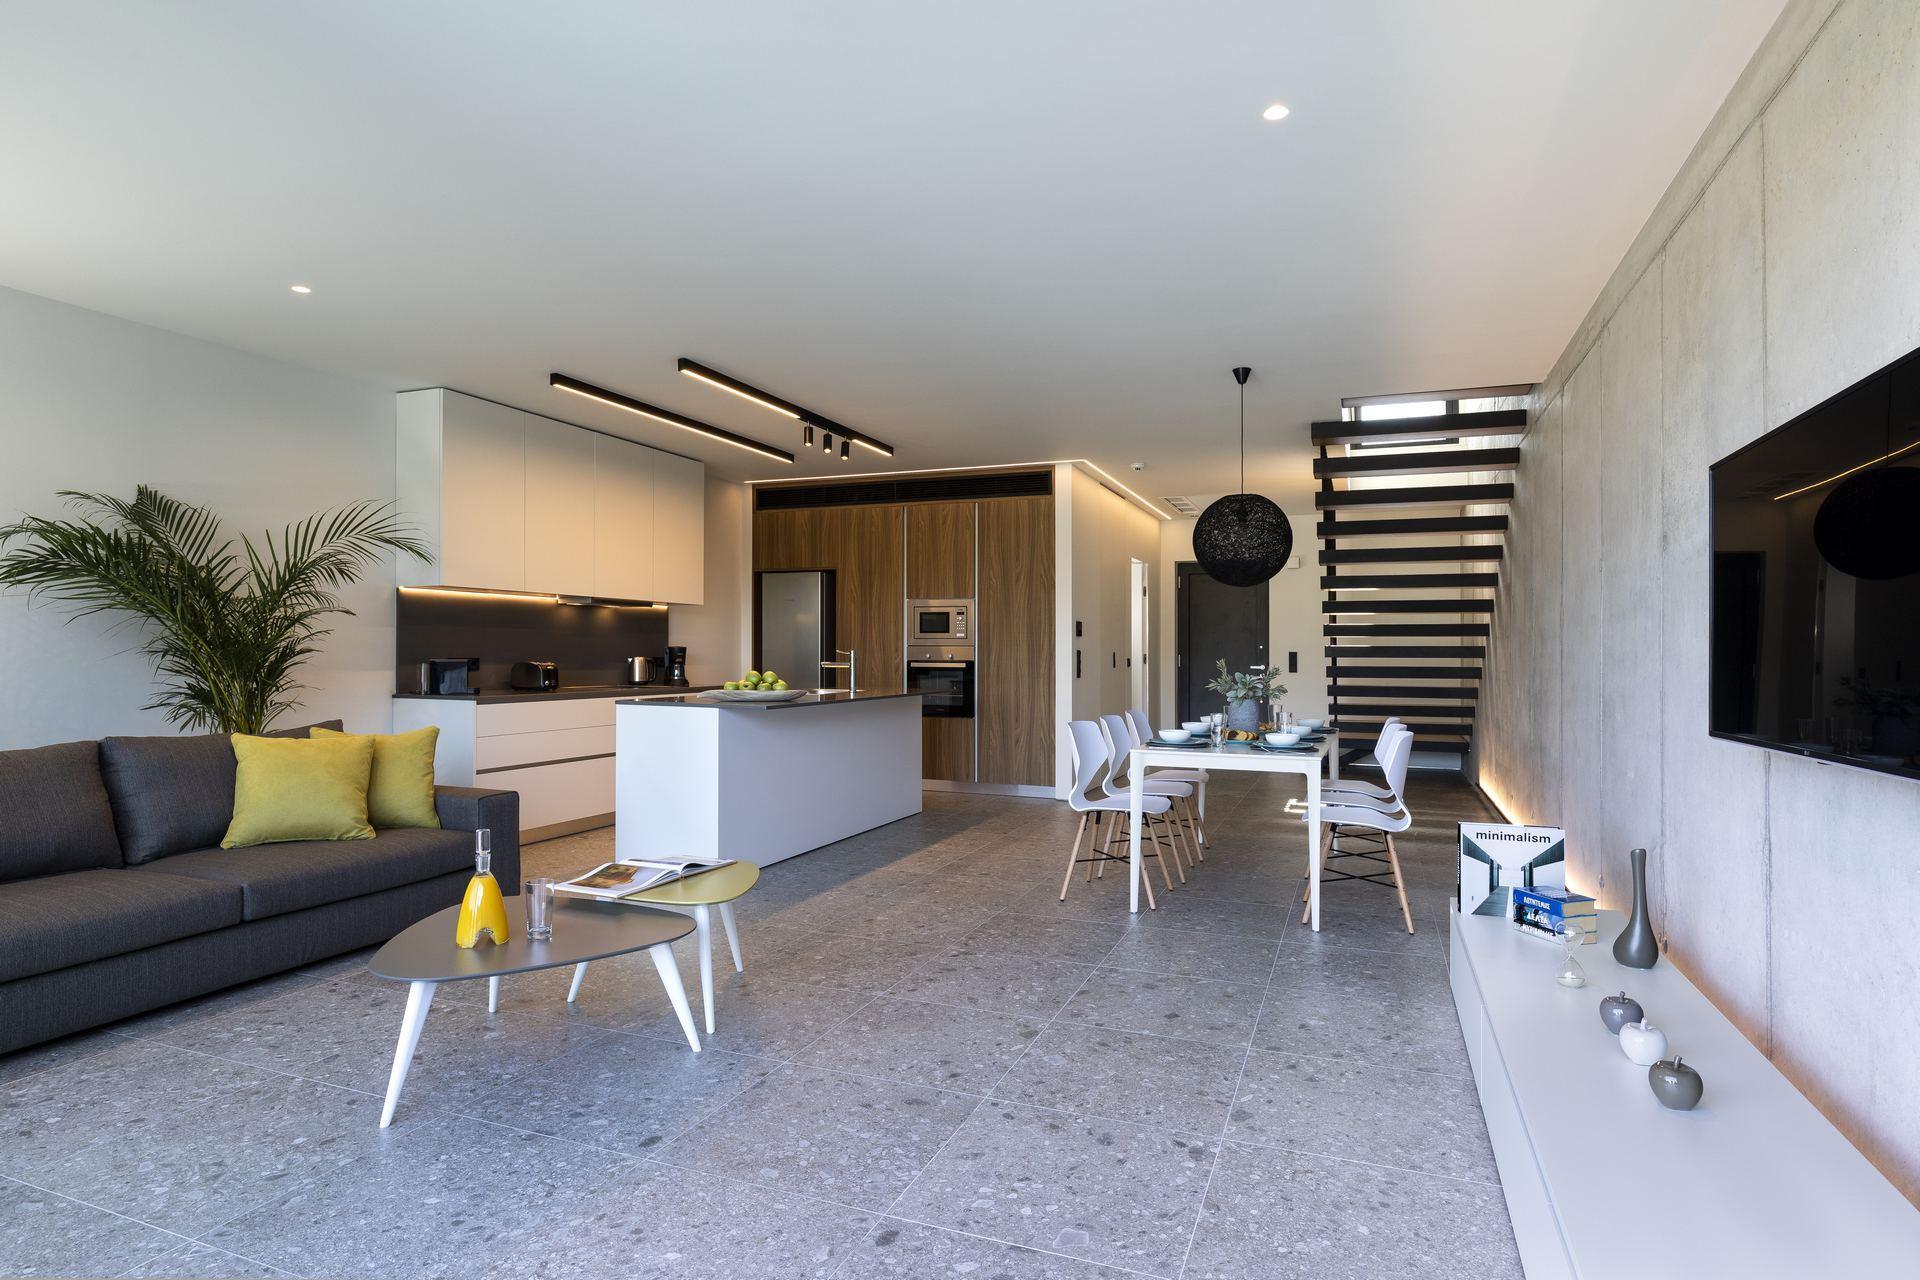 lalysos luxury villas